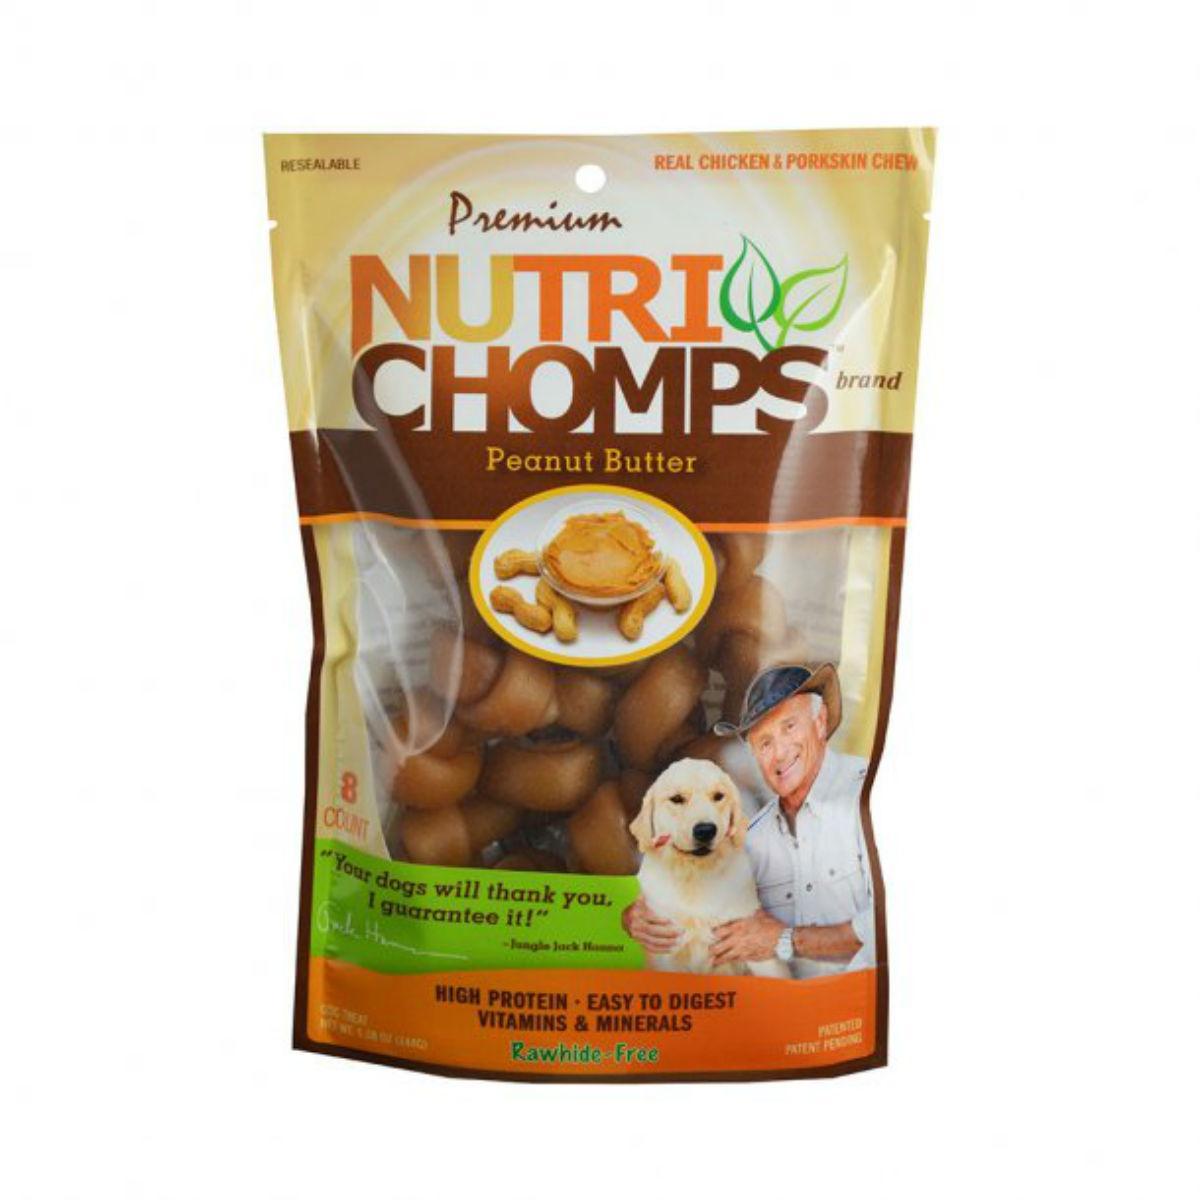 Nutri Chomps Mini Knotz Dog Treats - Peanut Butter